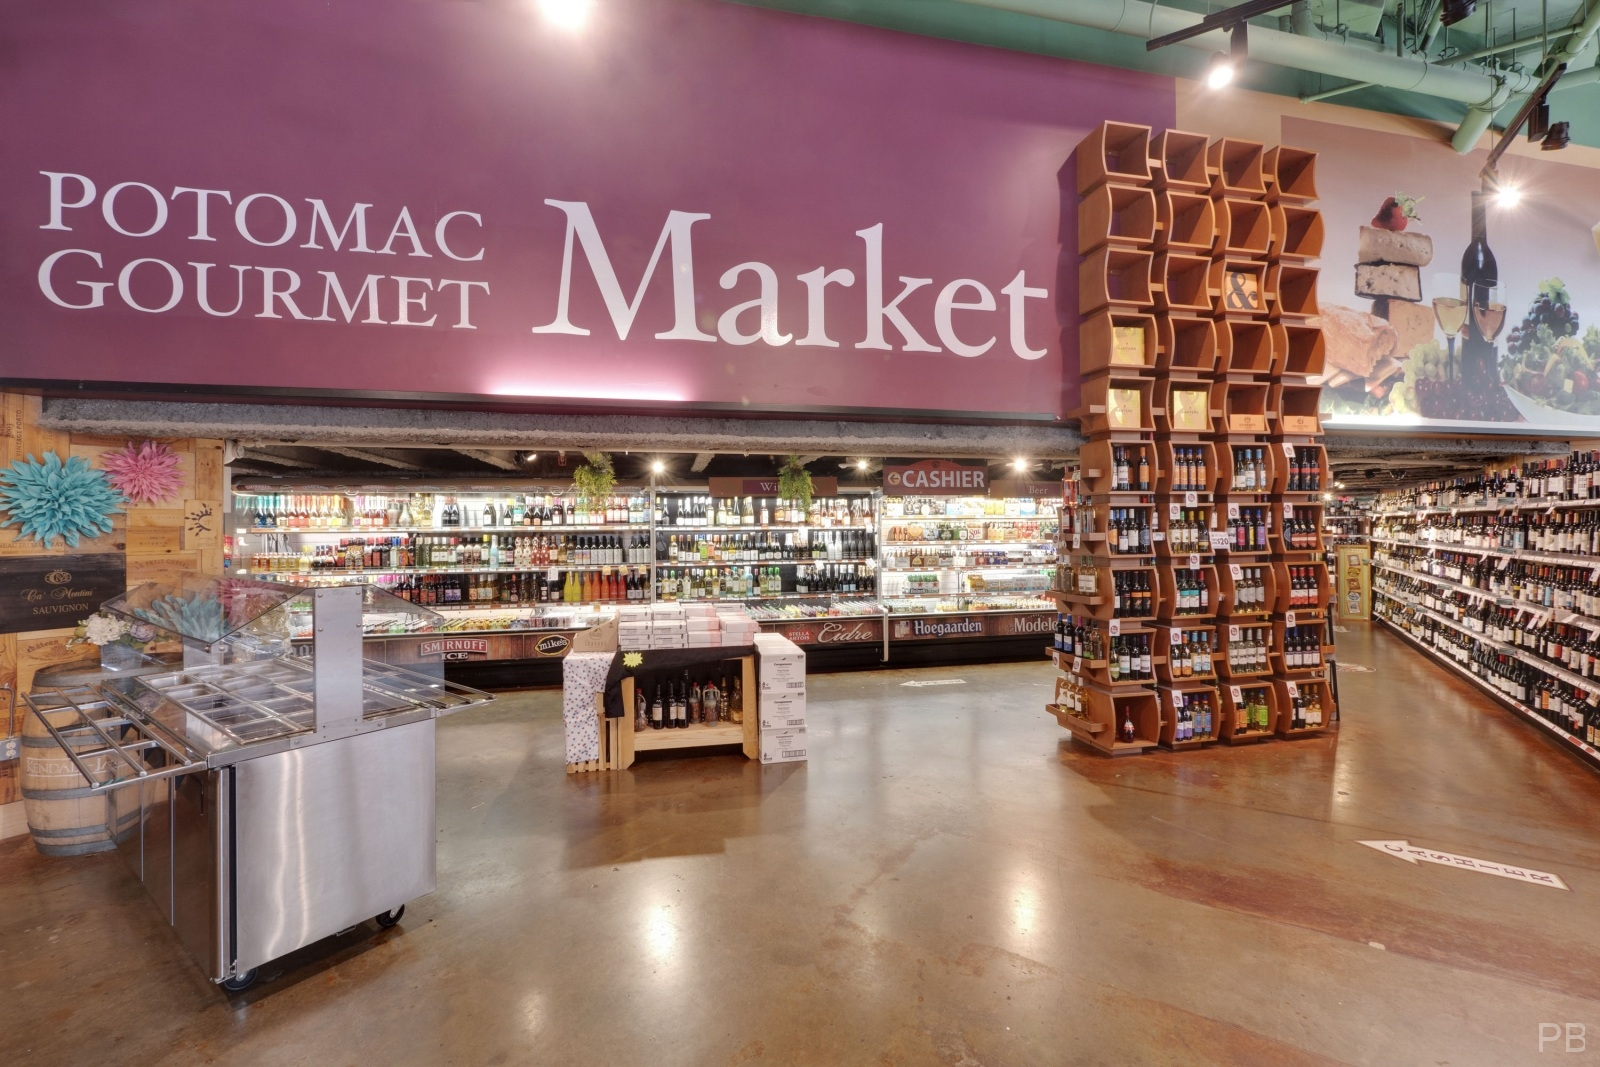 Potomac Gourmet Market, National Harbor